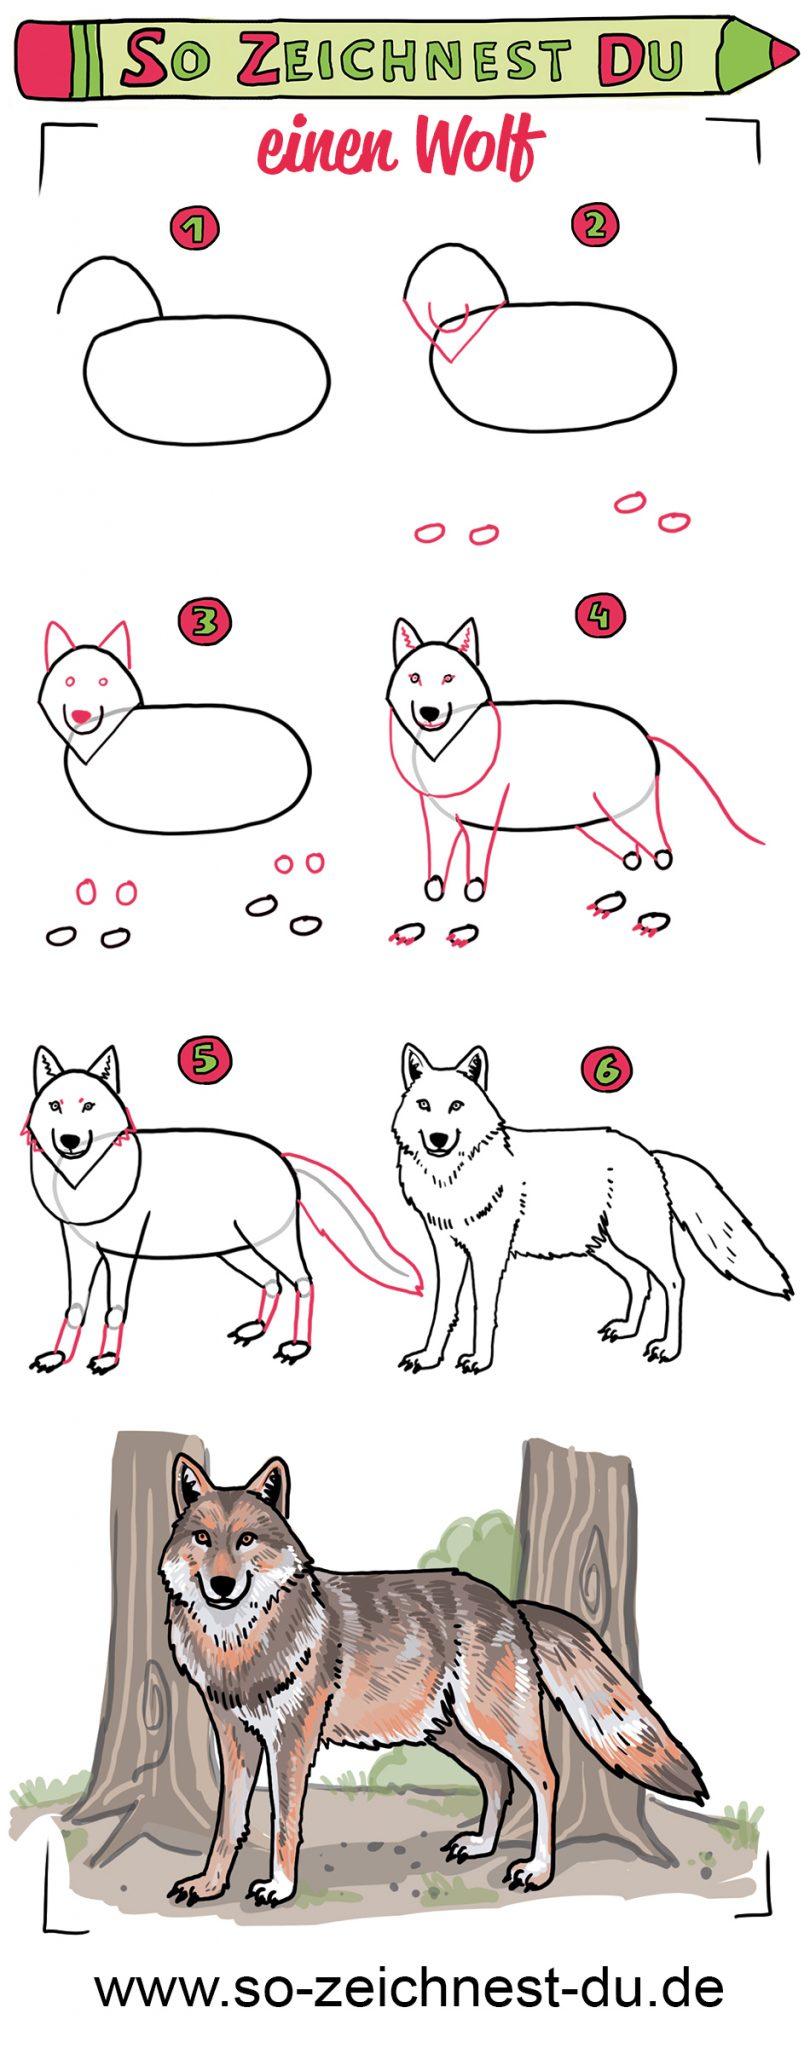 So Zeichnest Du Einen Wolf - So Zeichnest Du mit Wölfe Zeichnen